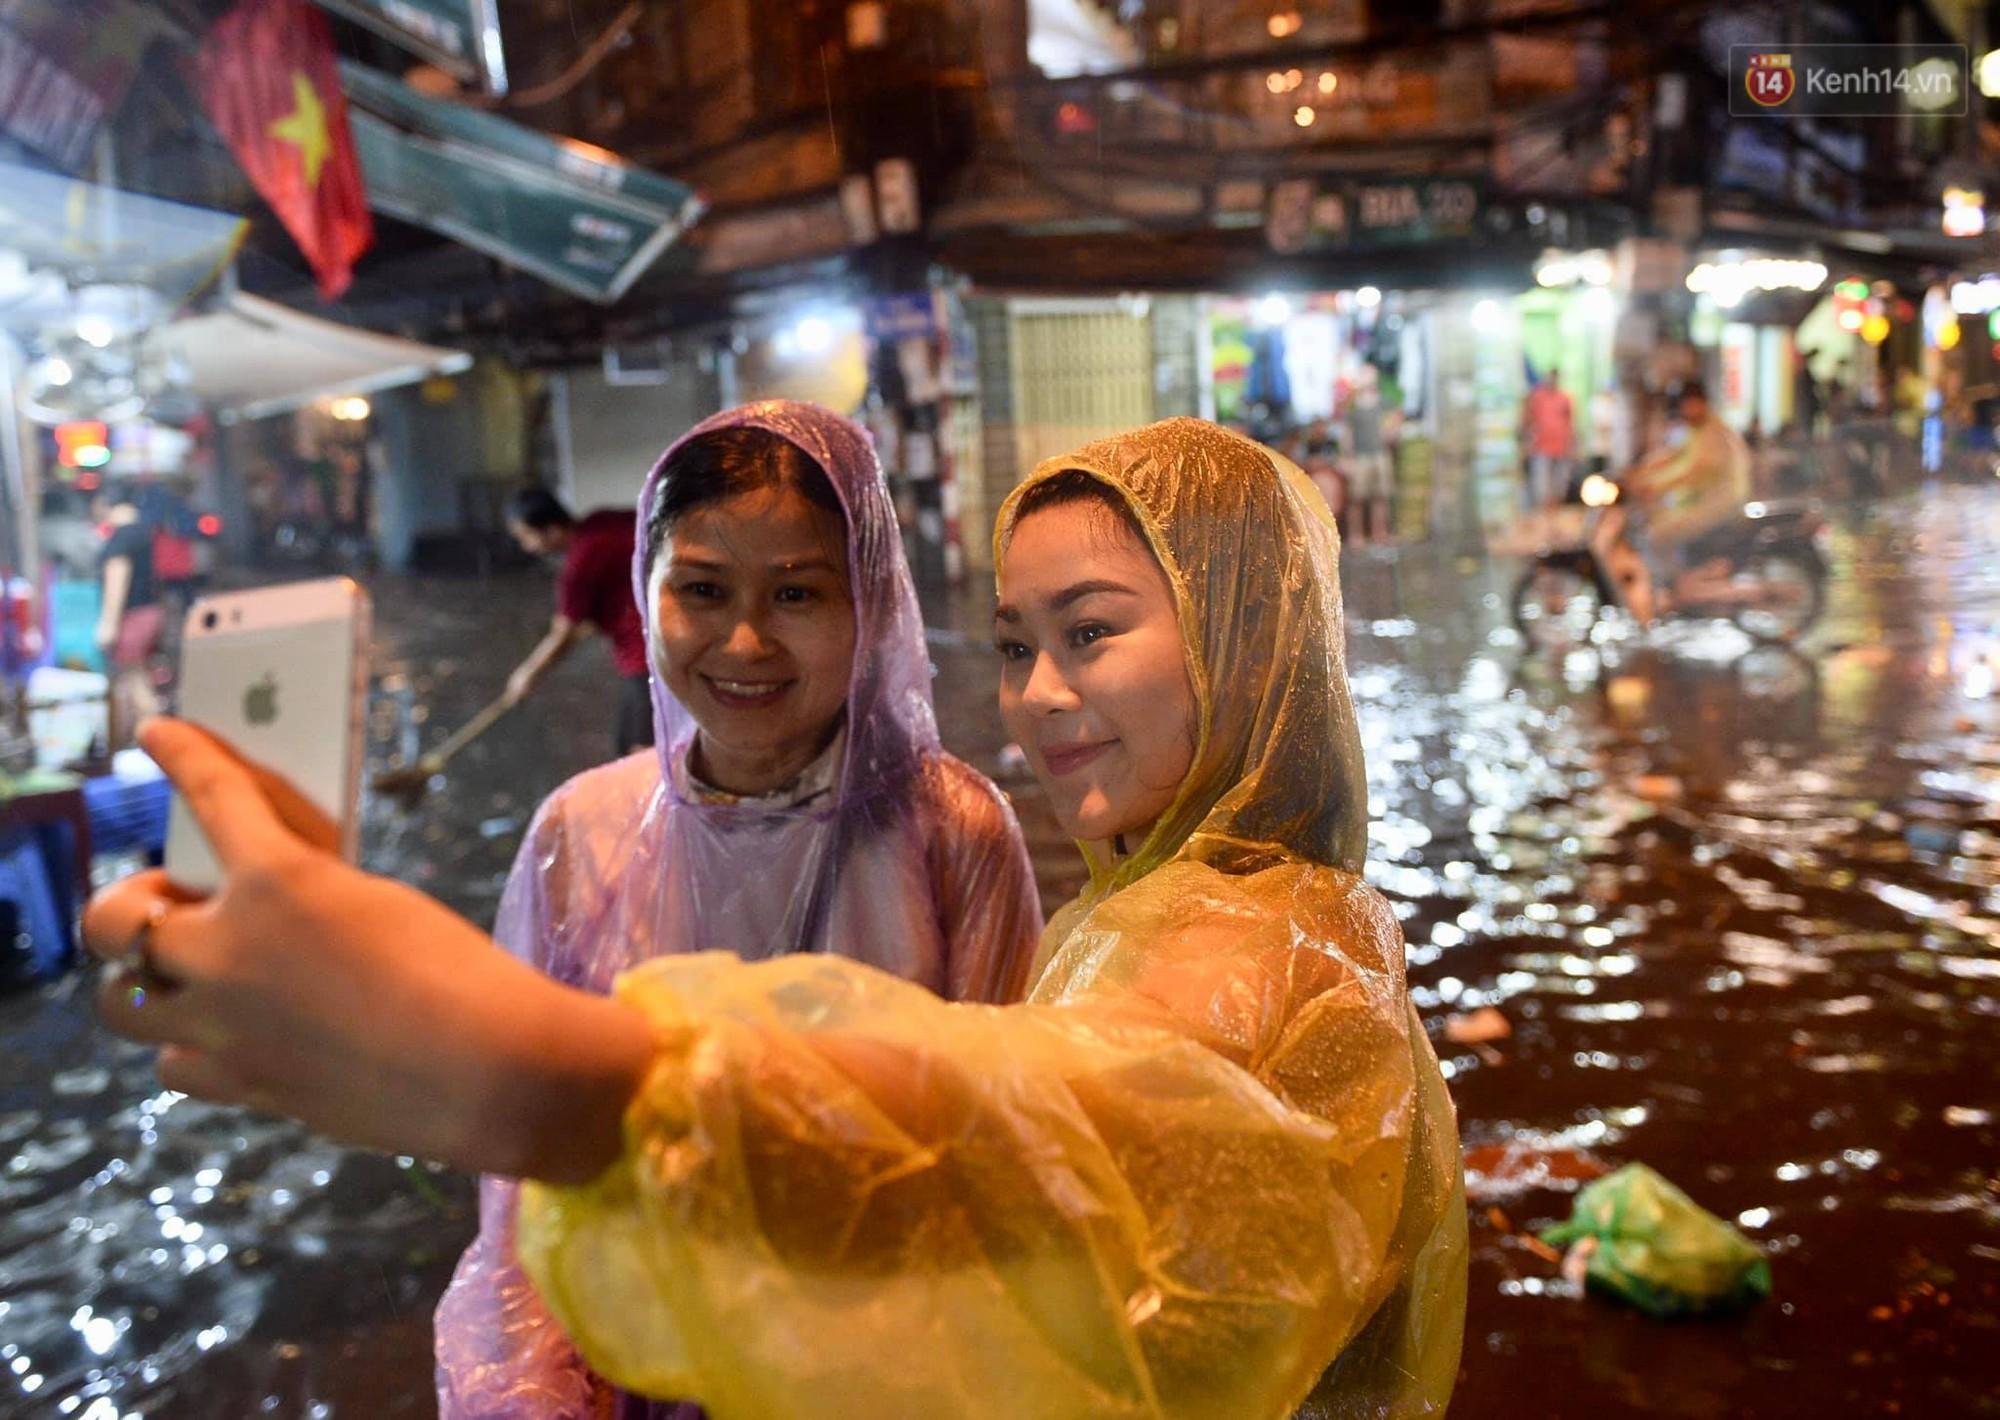 Hà Nội: Phố tây Tạ Hiện - Lương Ngọc Quyến mênh mông nước, nhiều cặp đôi phải cõng nhau di chuyển - Ảnh 15.